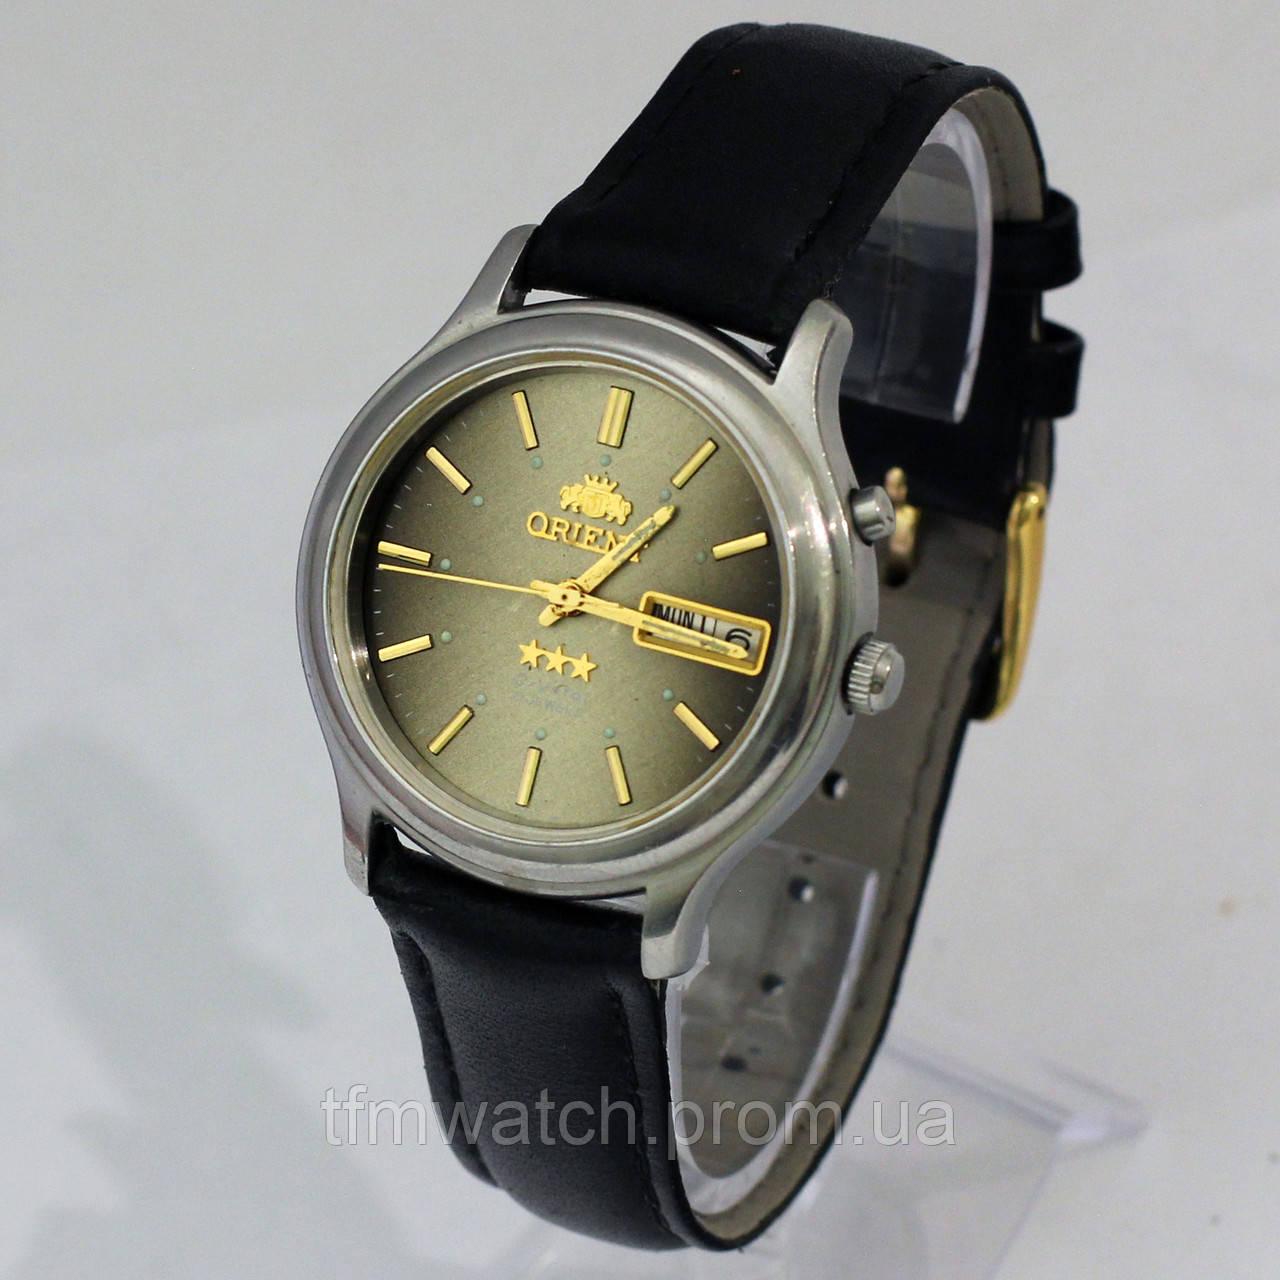 664bc365 Наручные часы Orient 3 stars - Магазин старинных, винтажных и антикварных  часов TFMwatch в России